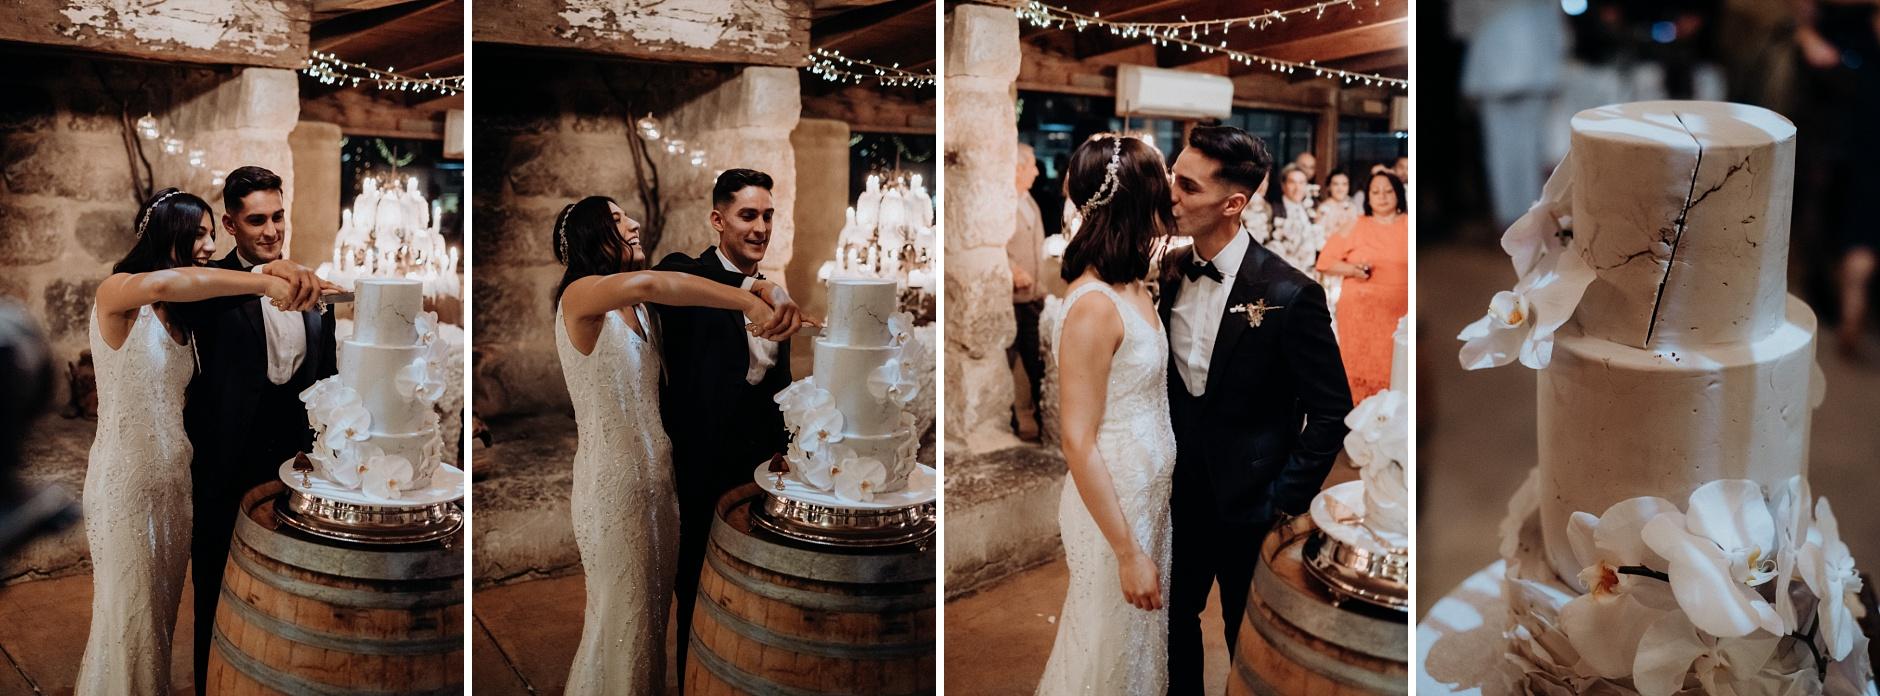 cassandra&cameron1031a_Peppers-Creek-Wedding.jpg